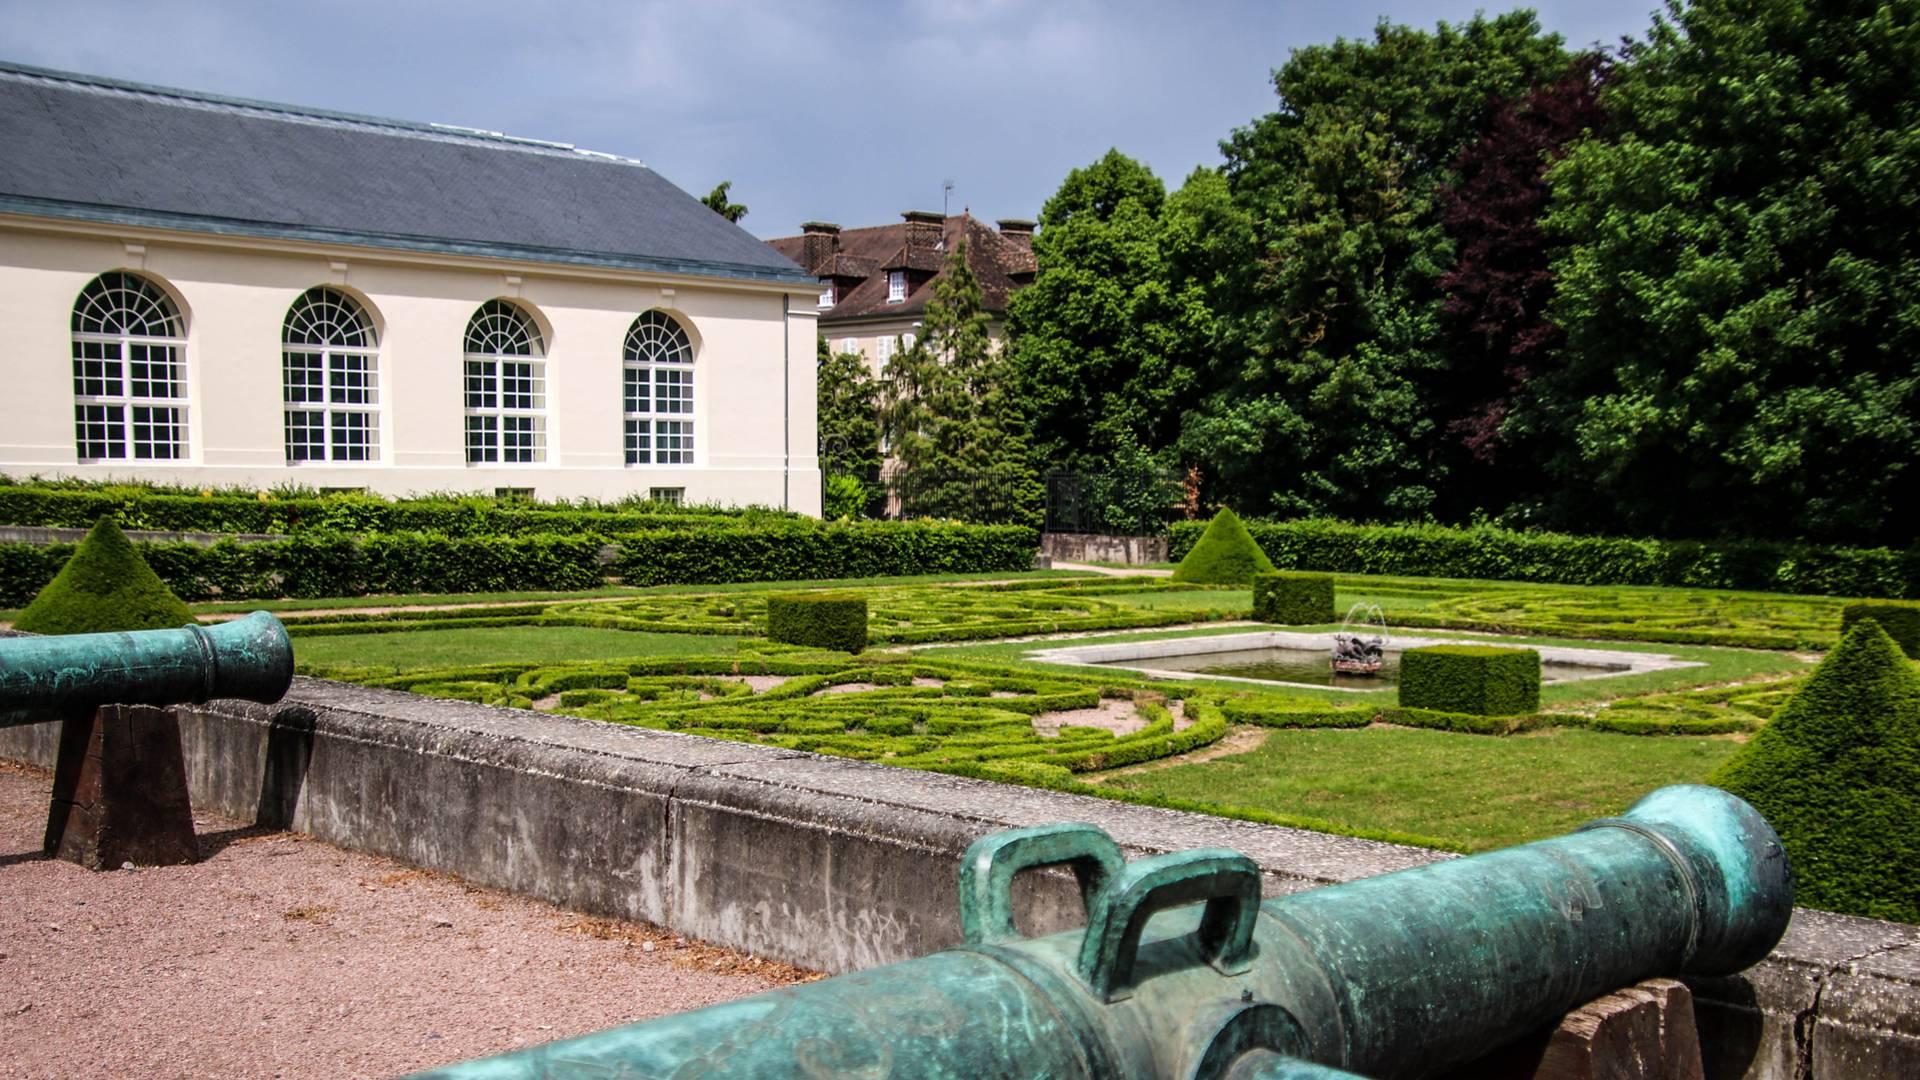 Vue du jardin à la française dans le parc de la Verrerie, Le Creusot. © Lesley Williamson.